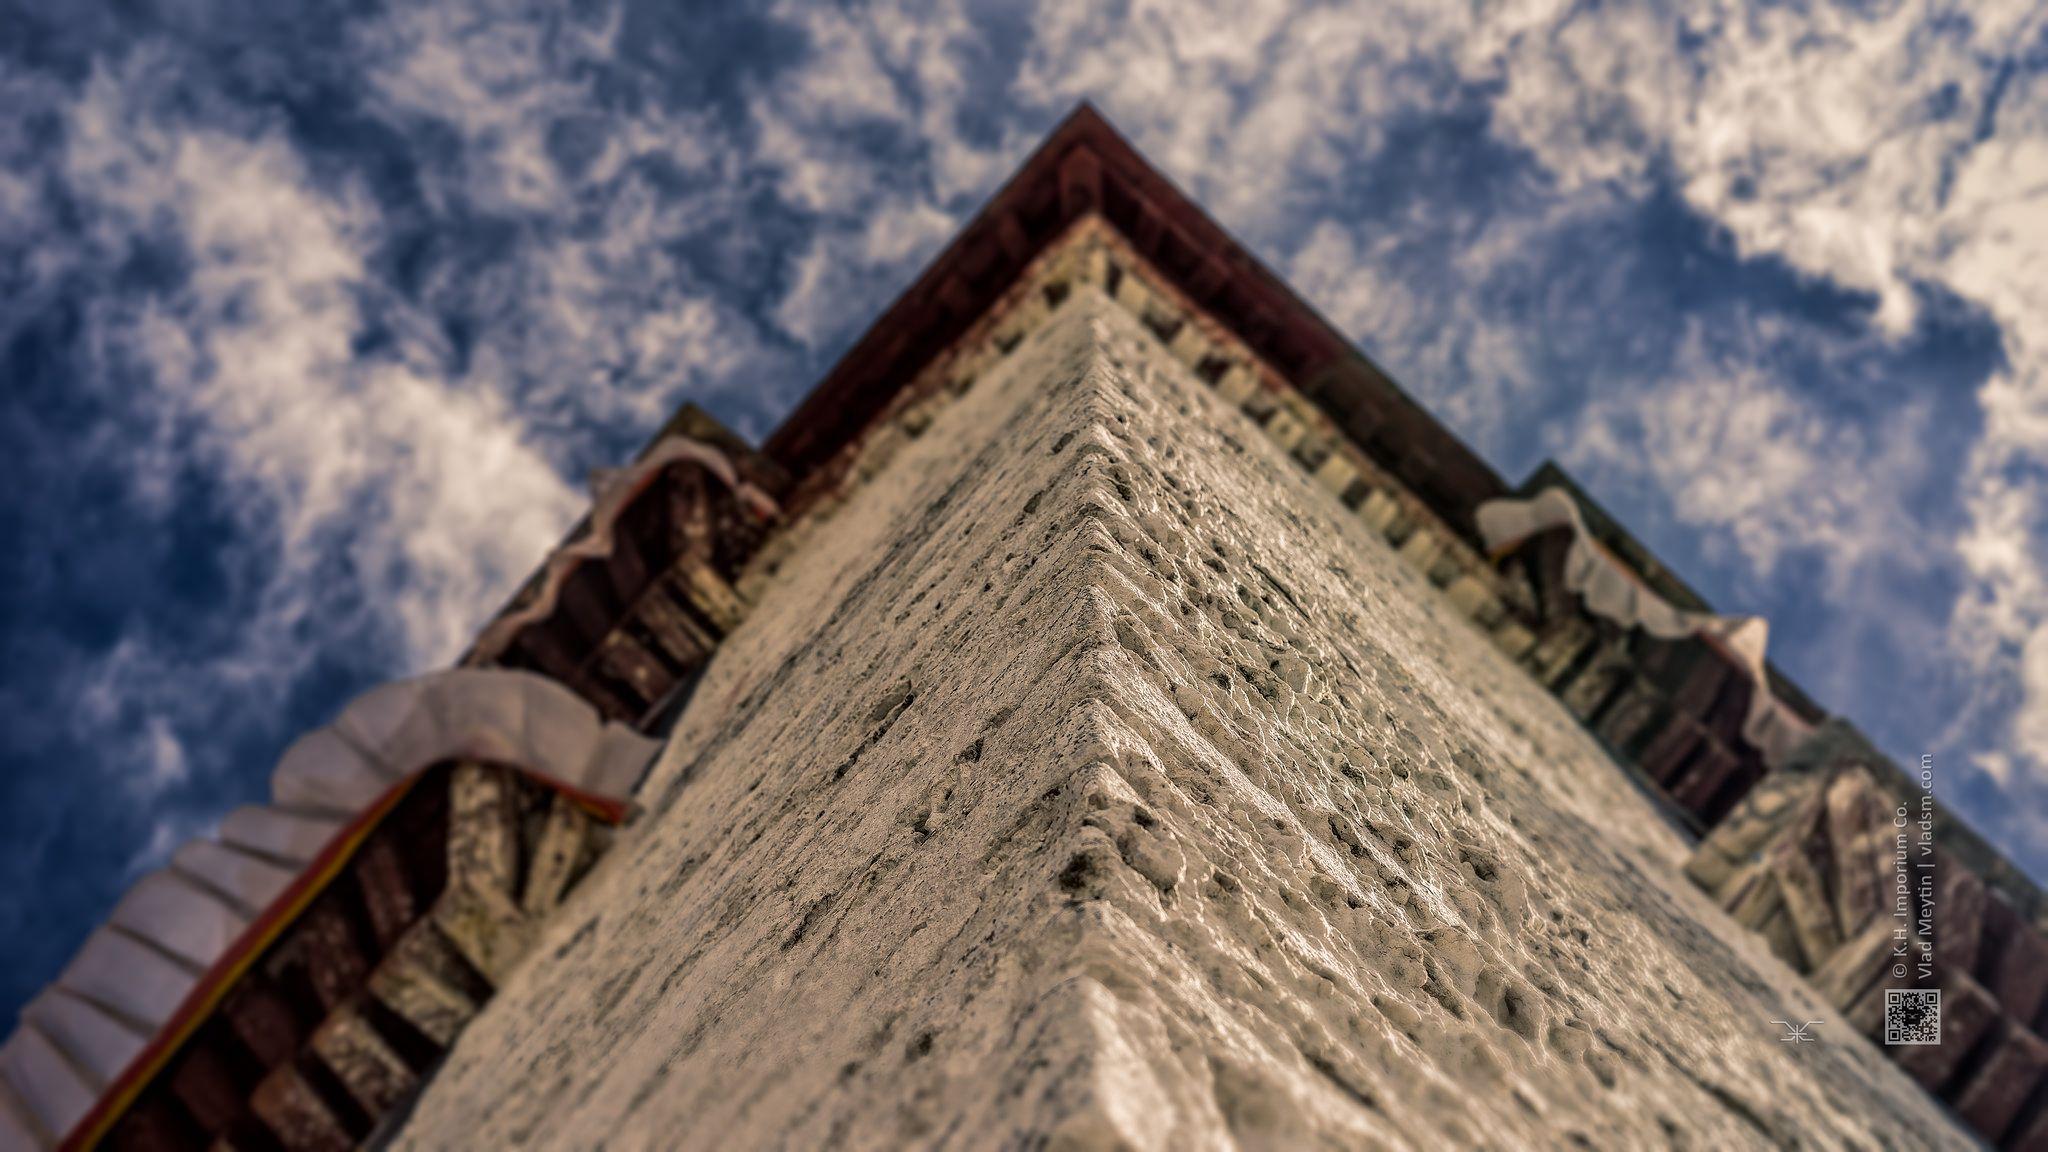 https://flic.kr/p/LUrYpS | Tibet, at the Potala palace (Lhasa, China), 06-2016…